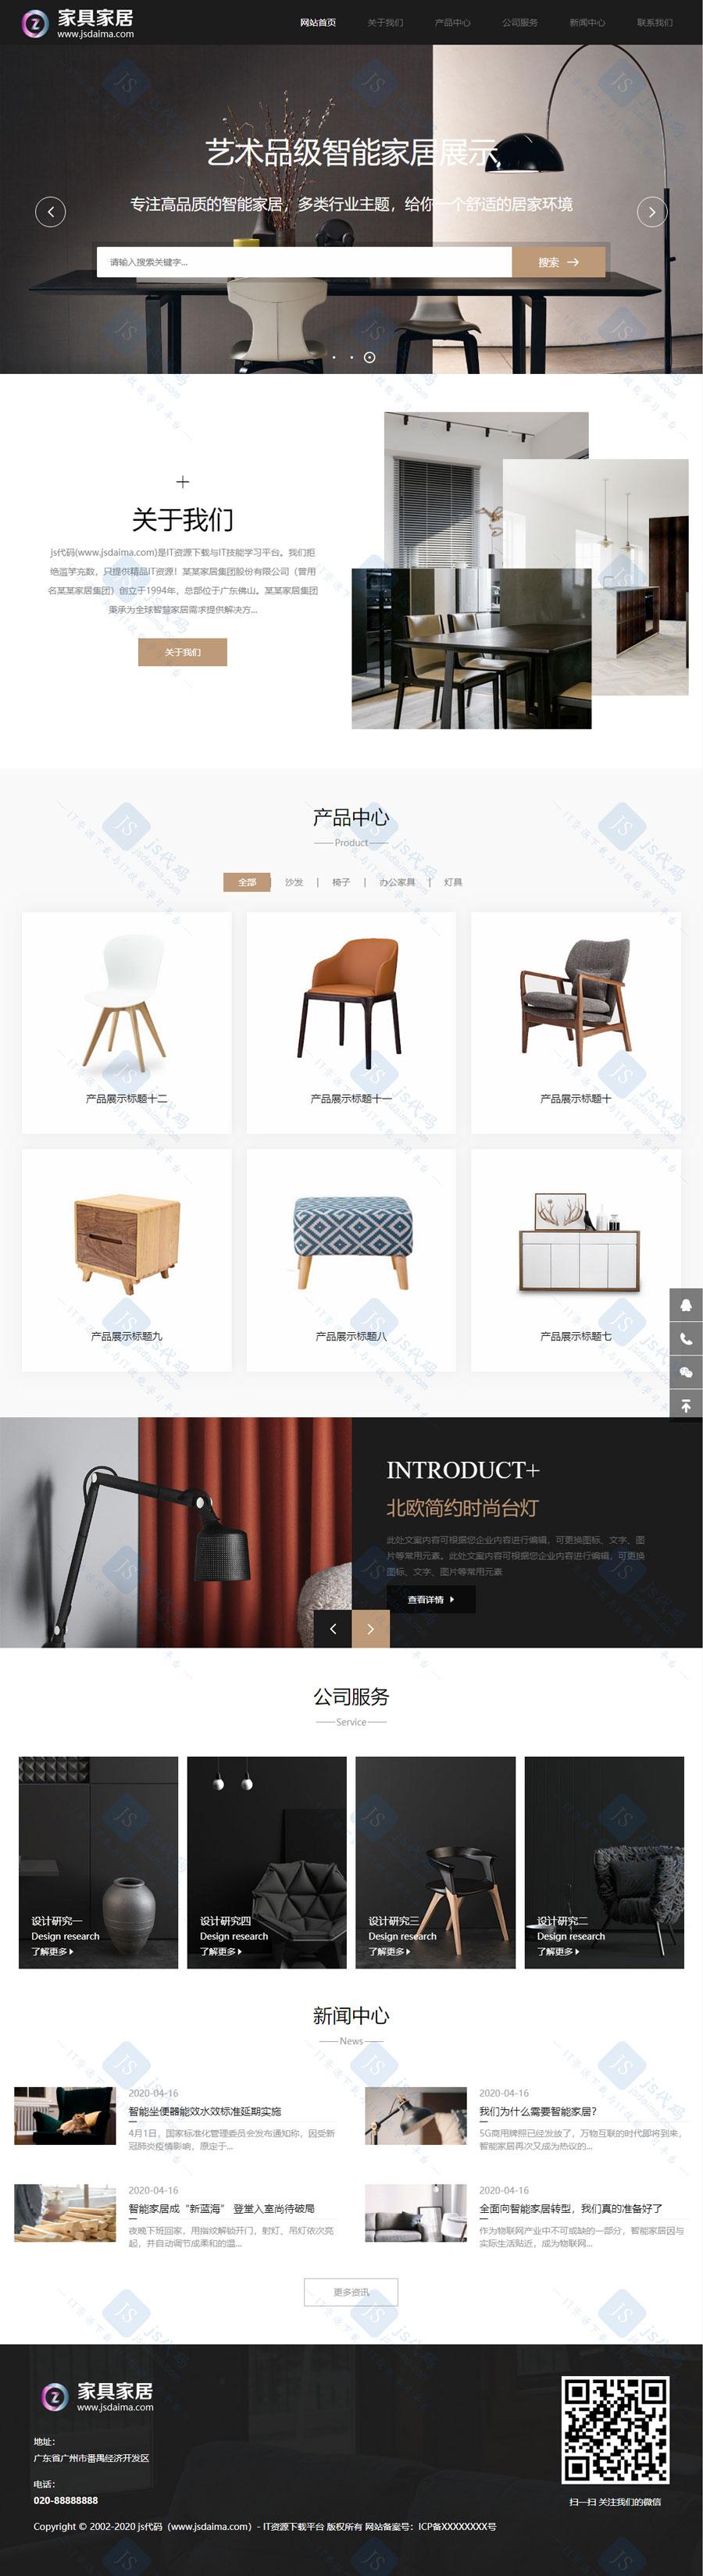 高端大气响应式家具建材家居用品销售制造公司网站源码